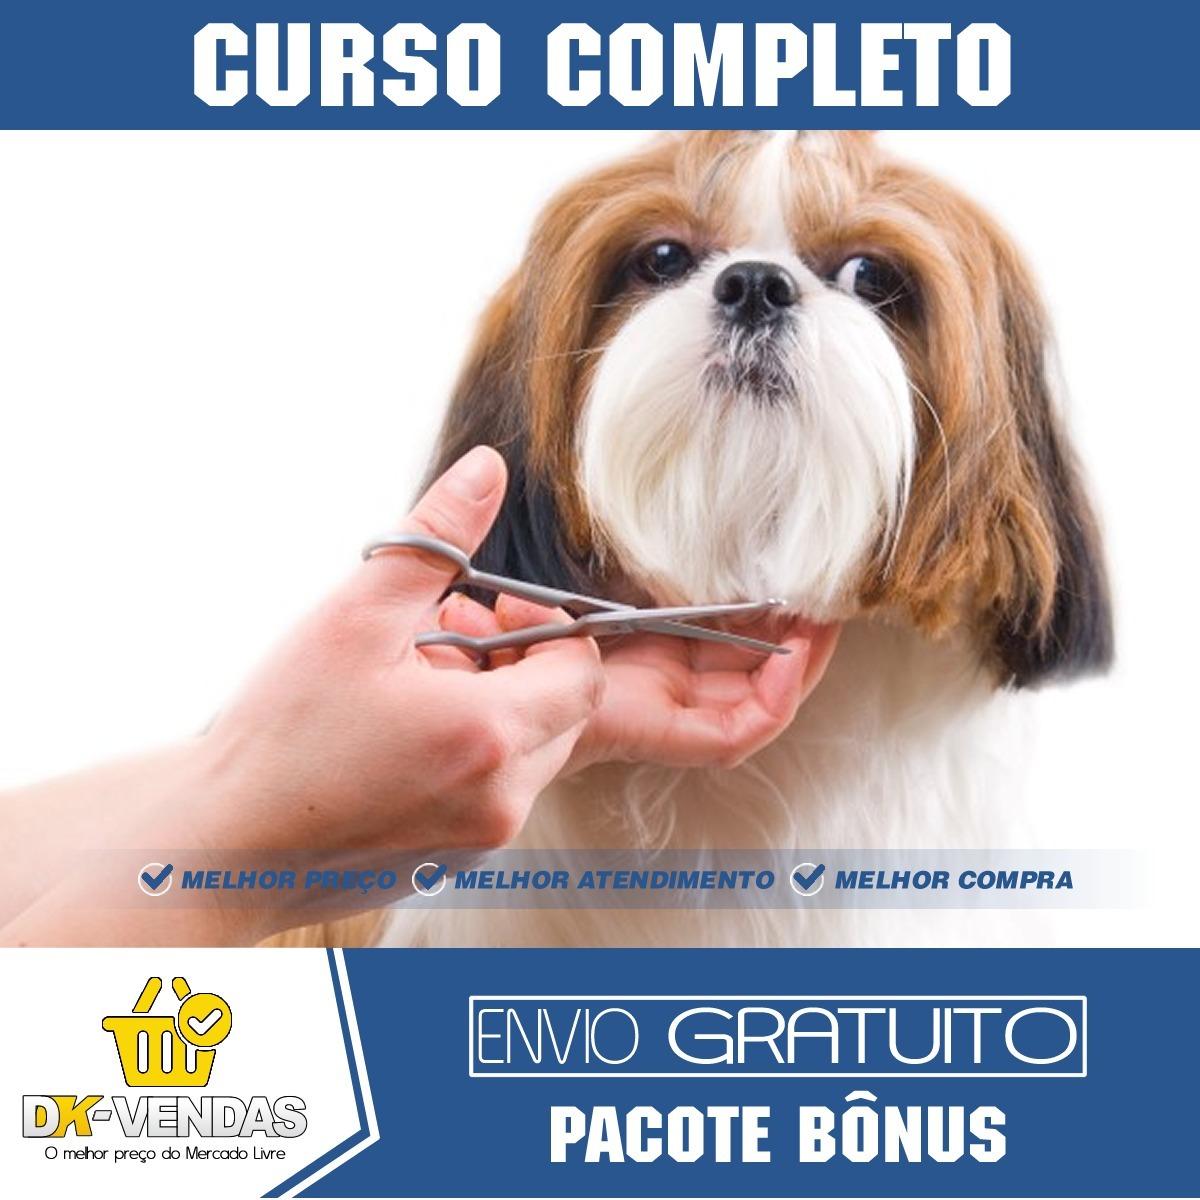 61f2c39b5a82 Curso Banho E Tosa Cães - Vídeo Aulas + Adestramento Canino - R$ 7 ...